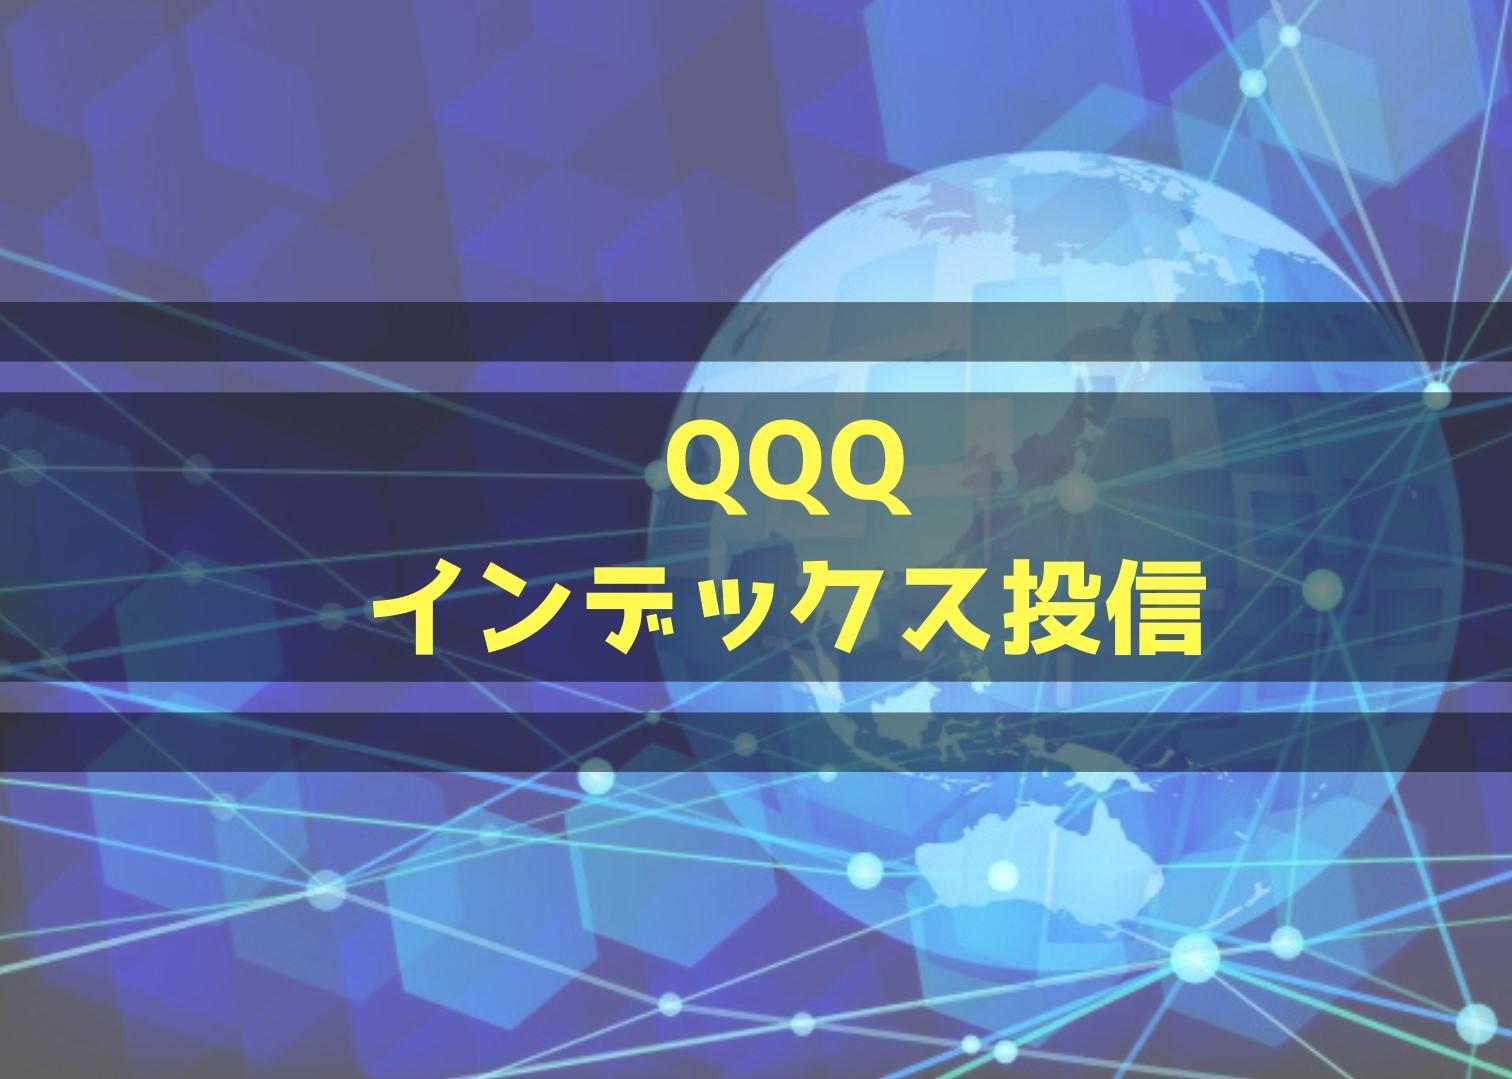 信託 Qqq 投資